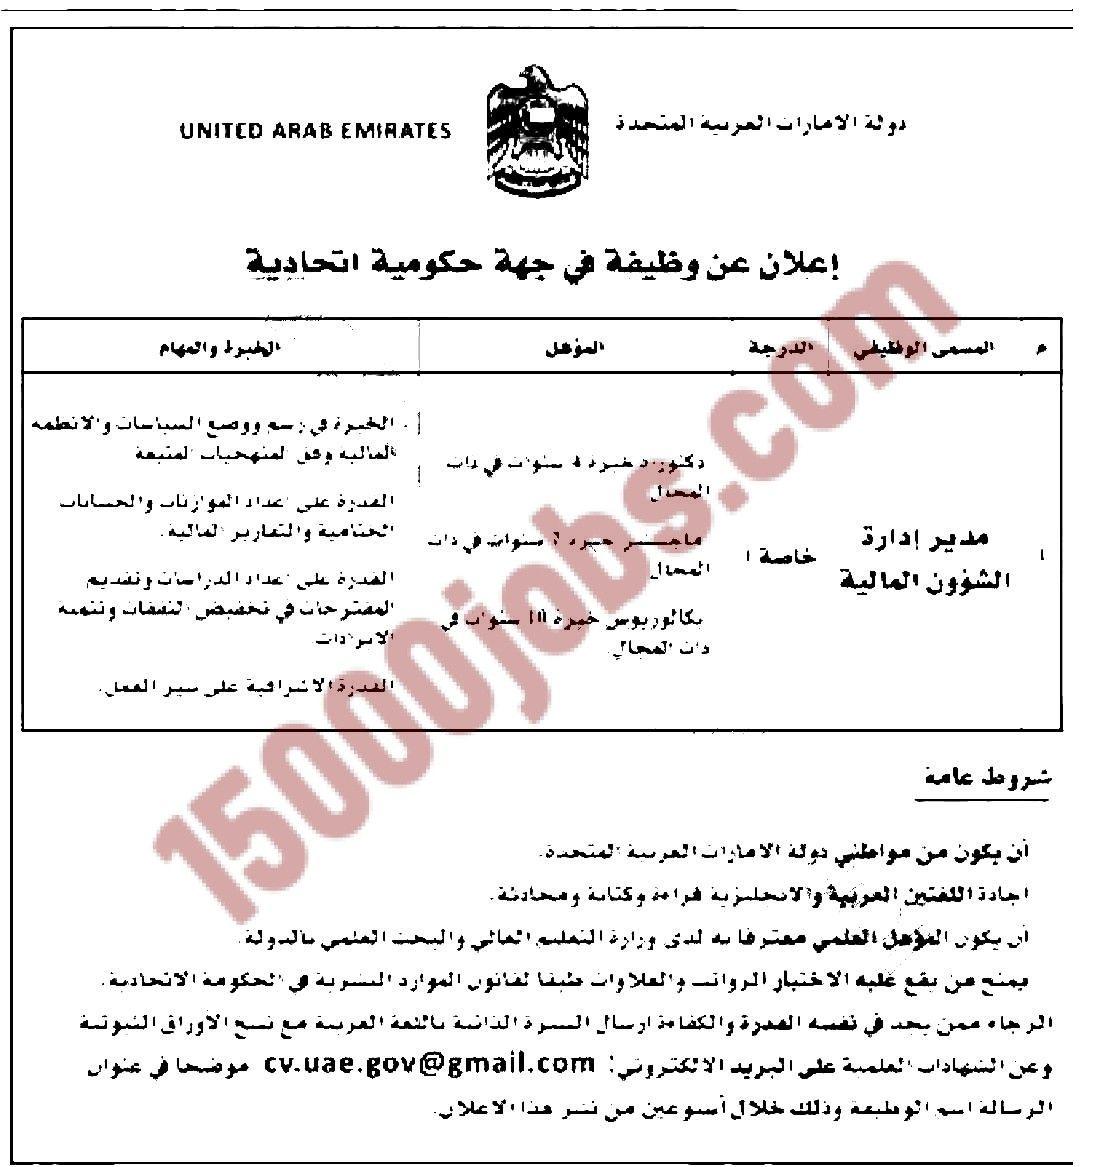 مطلوب مدير ادارة الشئون المالية لجهة حكومية اتحادية وظائف الإمارات Emirates United Arab Emirates Words